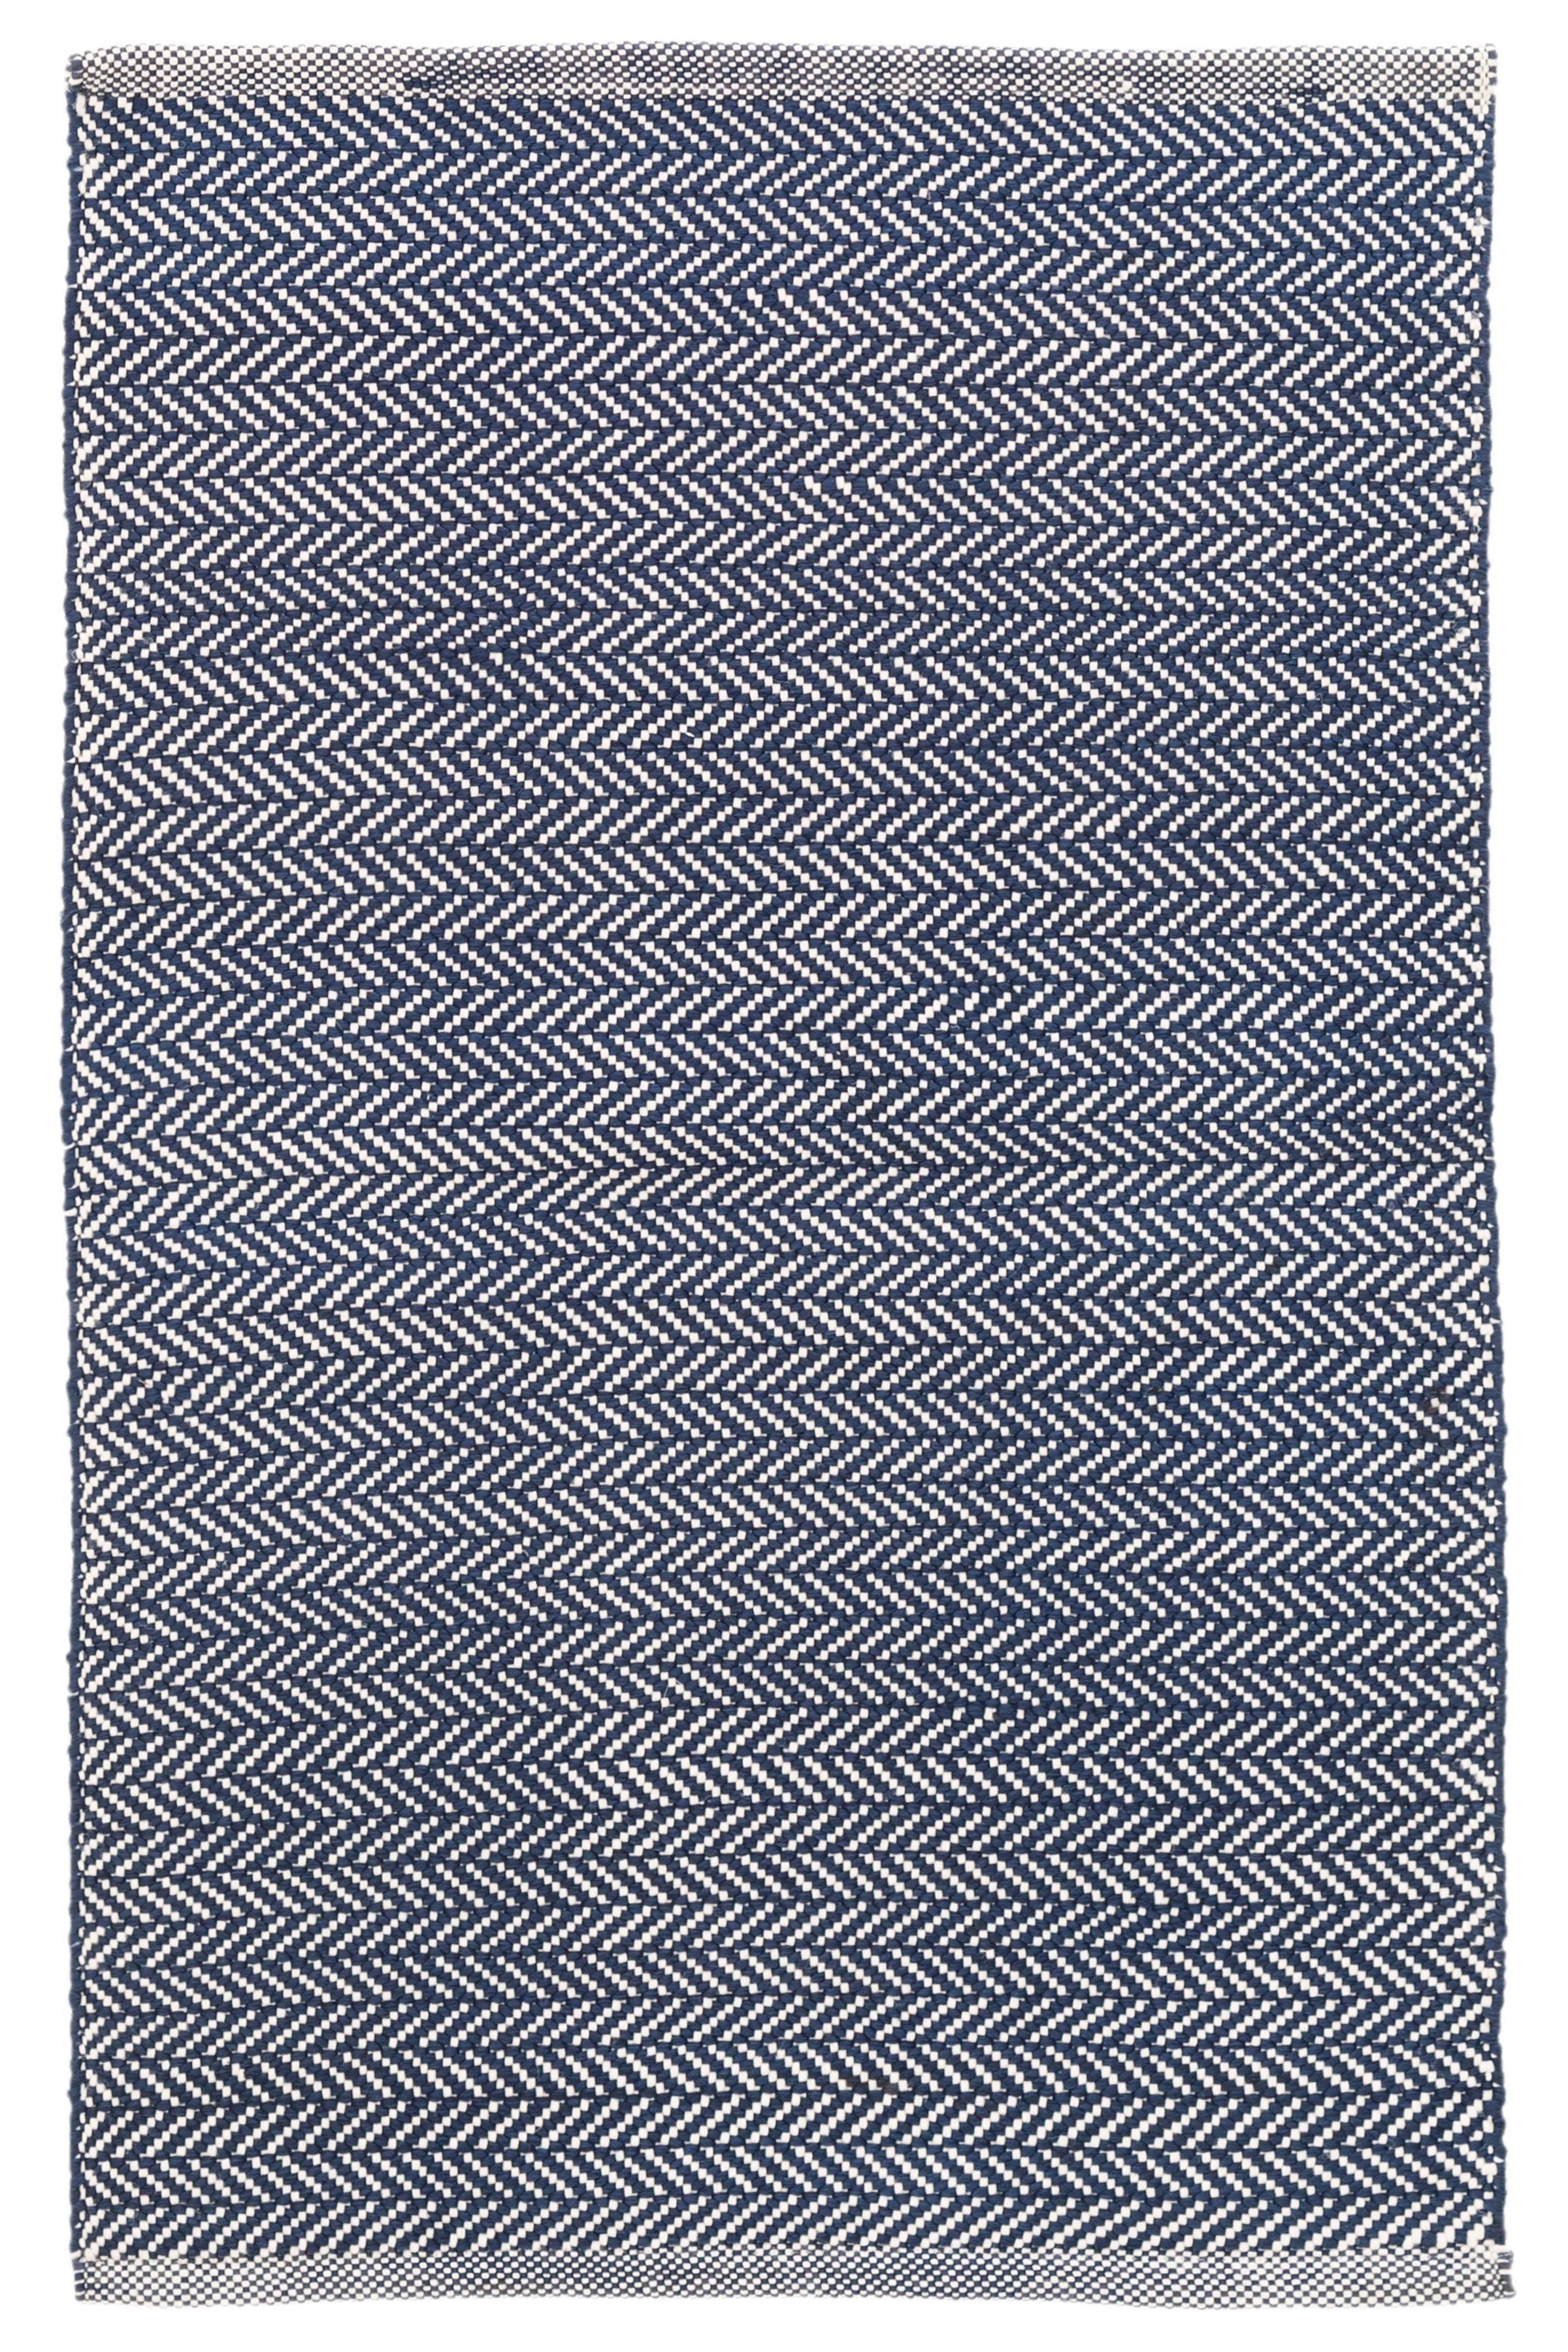 indoor rug courtyard p outdoor rugs safavieh area x ft gray navy